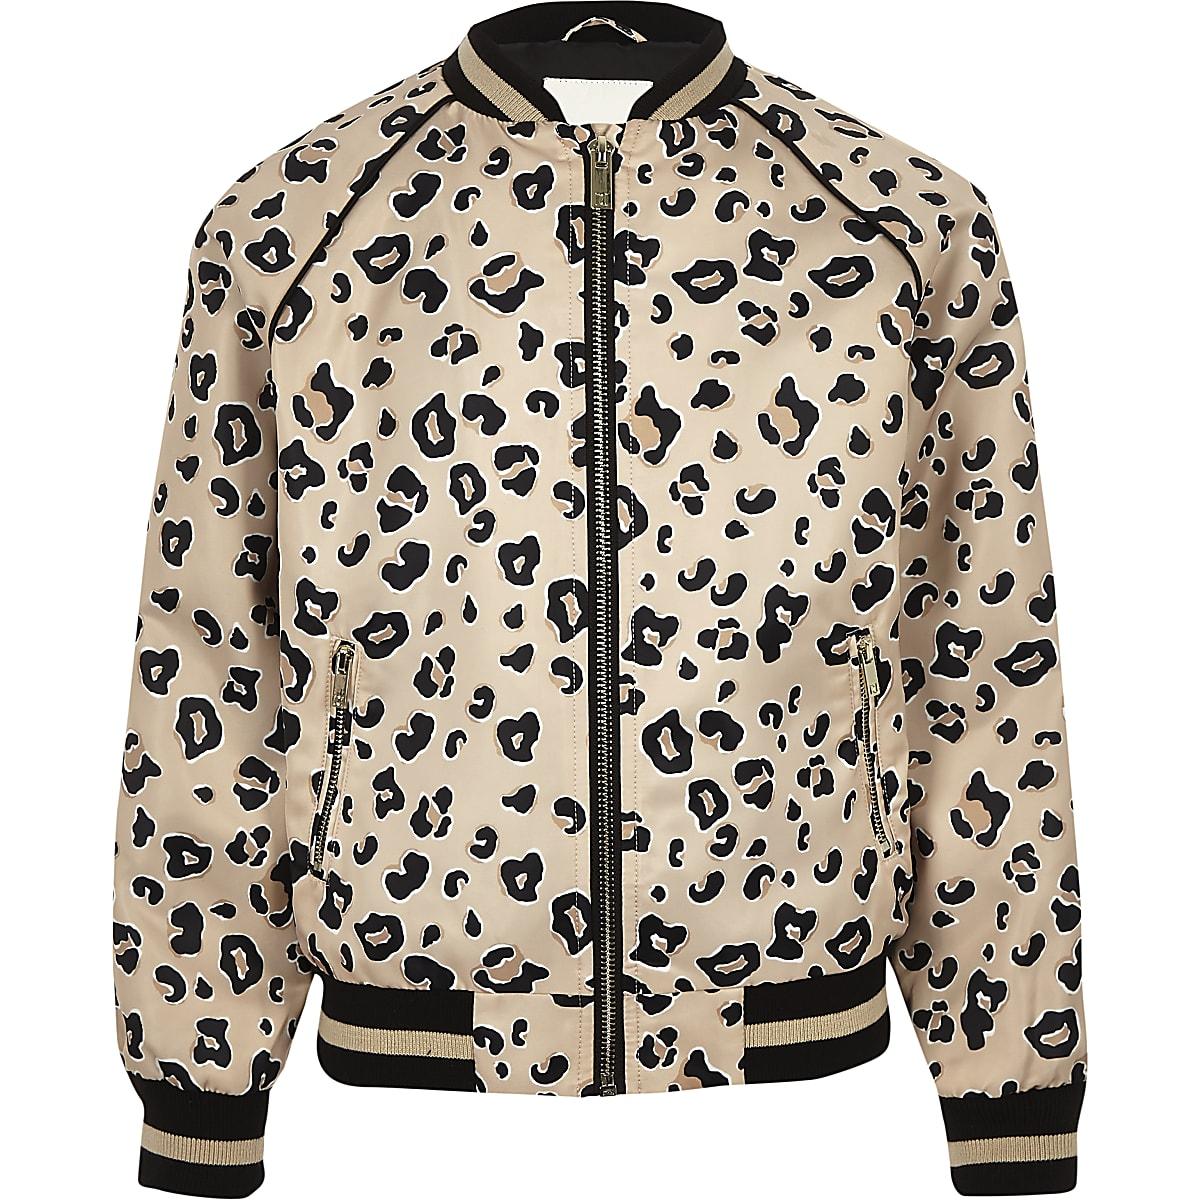 ca2177de0 Girls beige leopard print bomber jacket